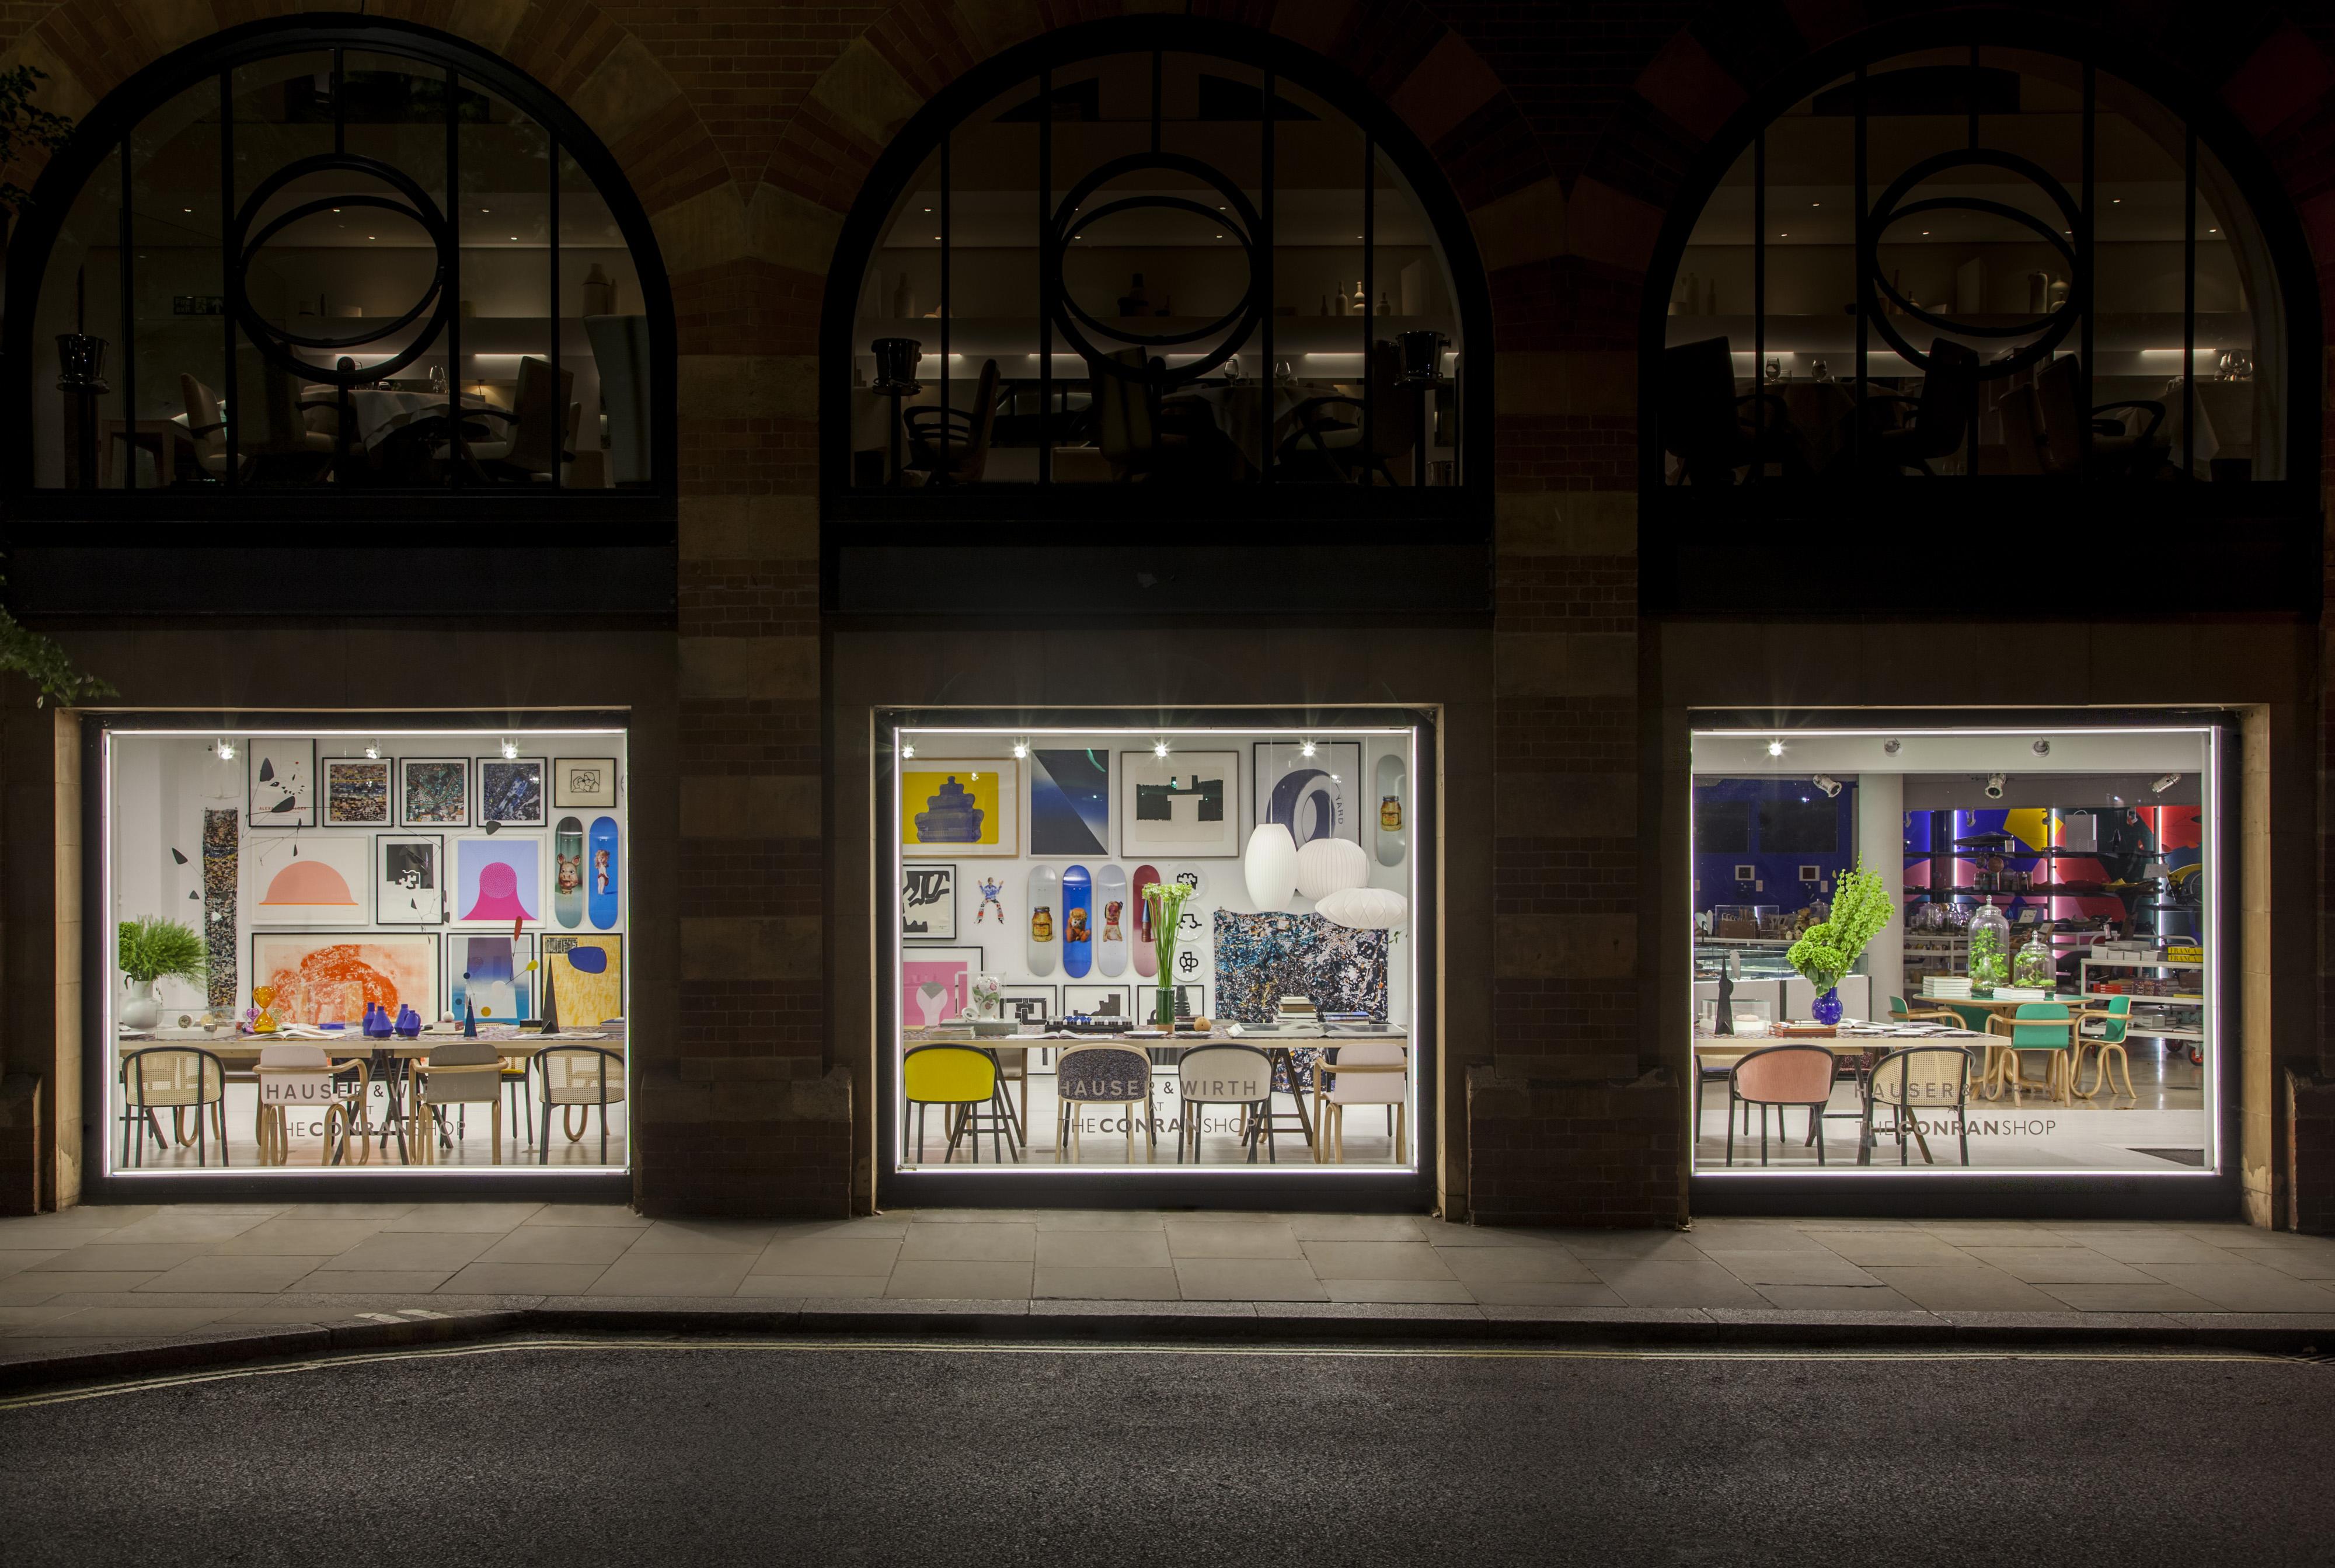 Hauser & Wirth collaborate with The Conran Shop for London Design Festival - FAD Magazine